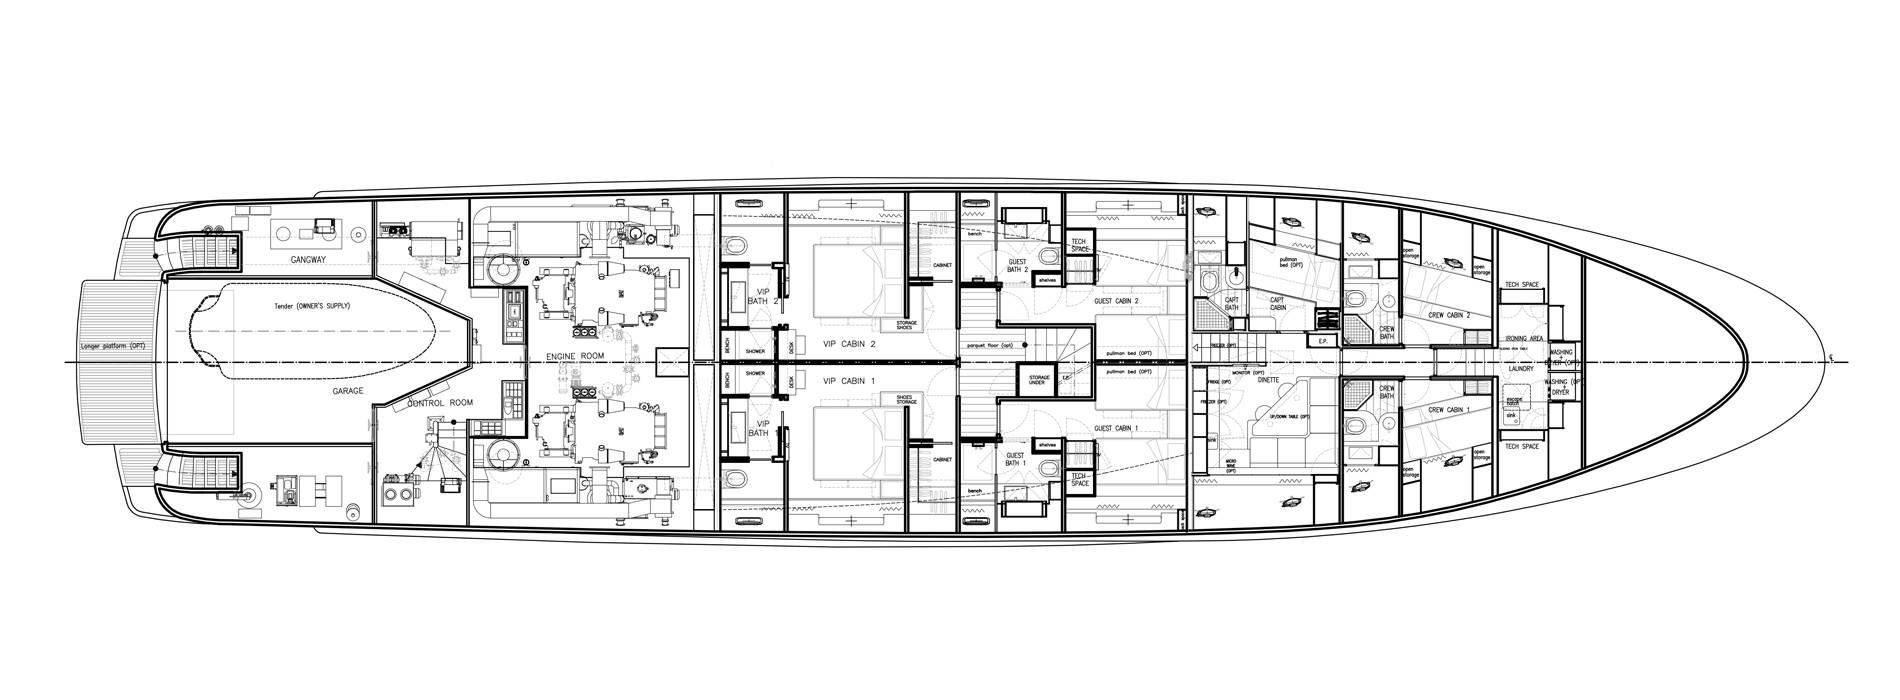 Sanlorenzo Yachts SD122-27 under offer 下层甲板